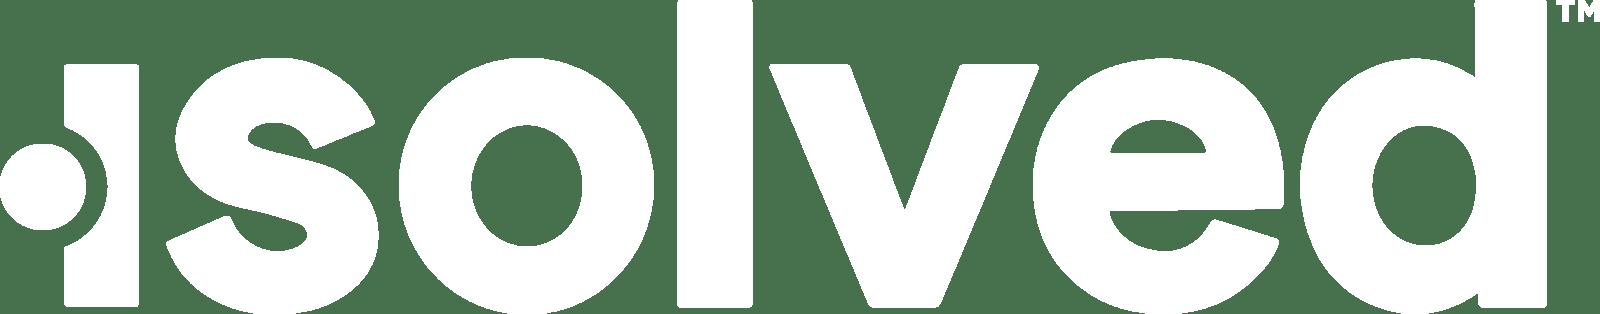 isolved white logo